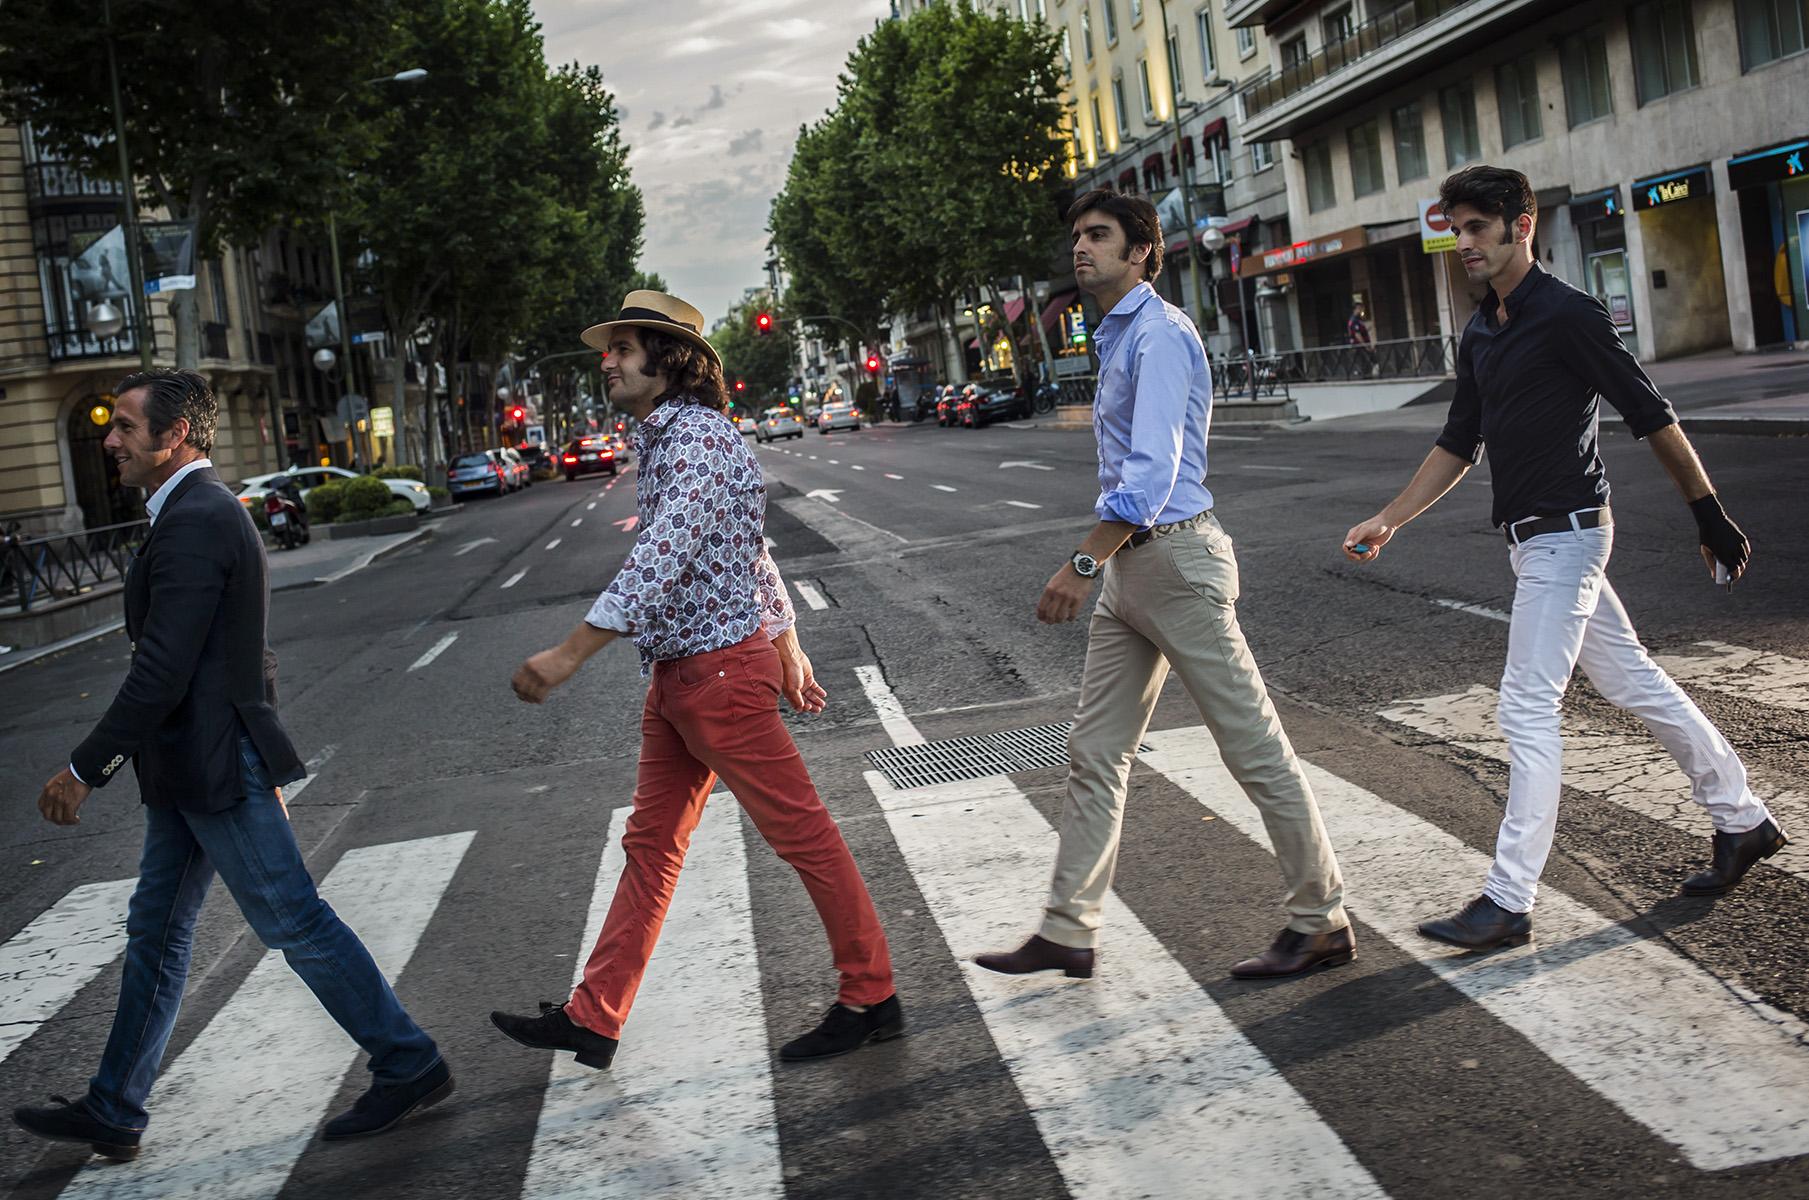 Posado Reportaje Mundo del ToreoMiguel Angel Perera + Alejandro Talavante + Jose Gomez Ortega (Joselito) + Morante de la Puebla© Alberto R. Roldan / La Razon01 07 2015